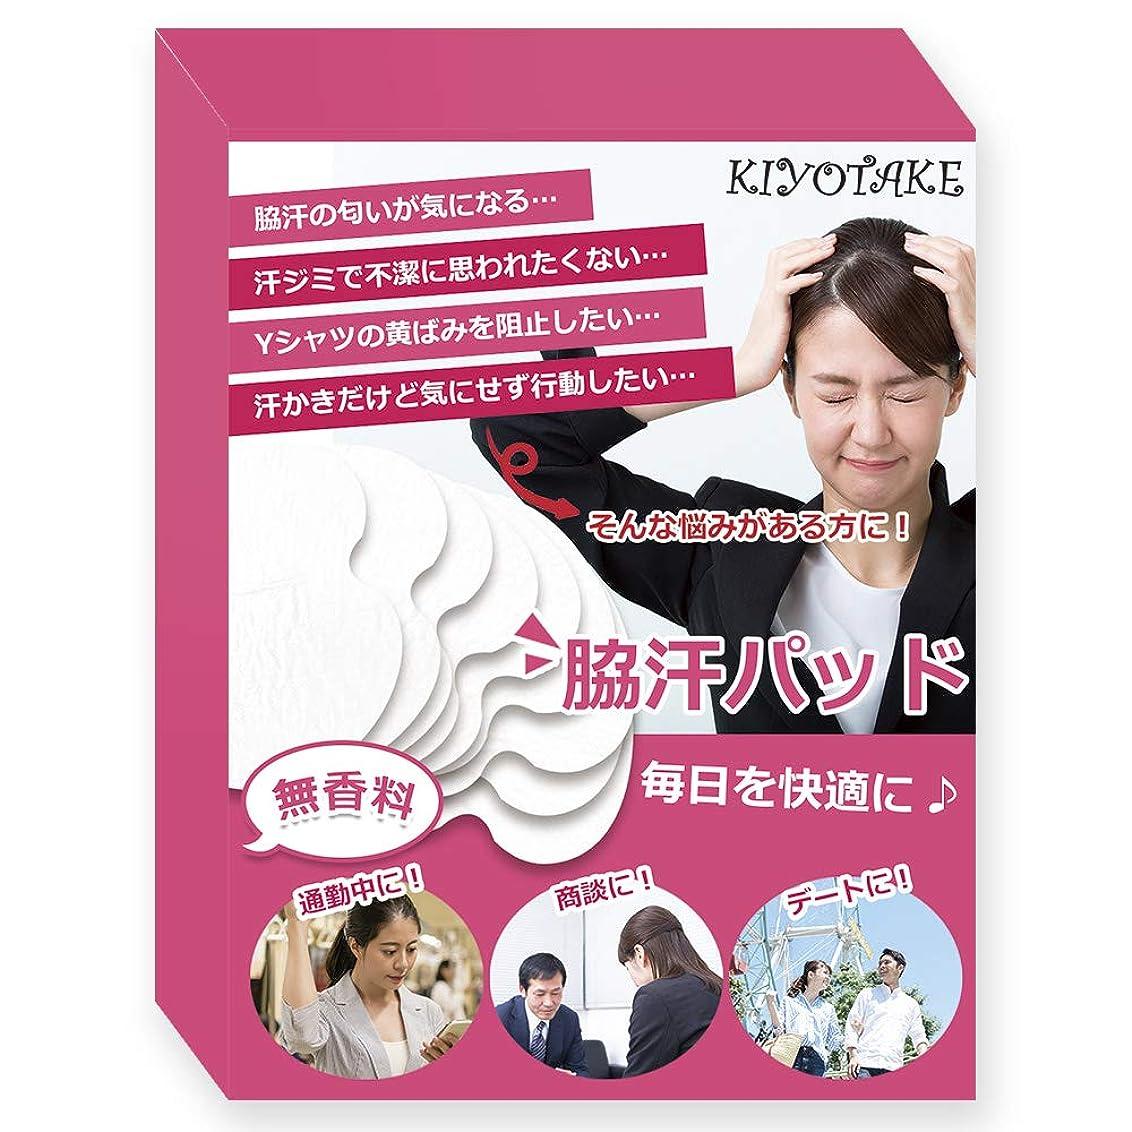 コーラスデッキ曲げる【kiyotake】 レディース 脇汗パッド 汗取り 汗じみ 防臭 防止 対策 女性用 40枚入り